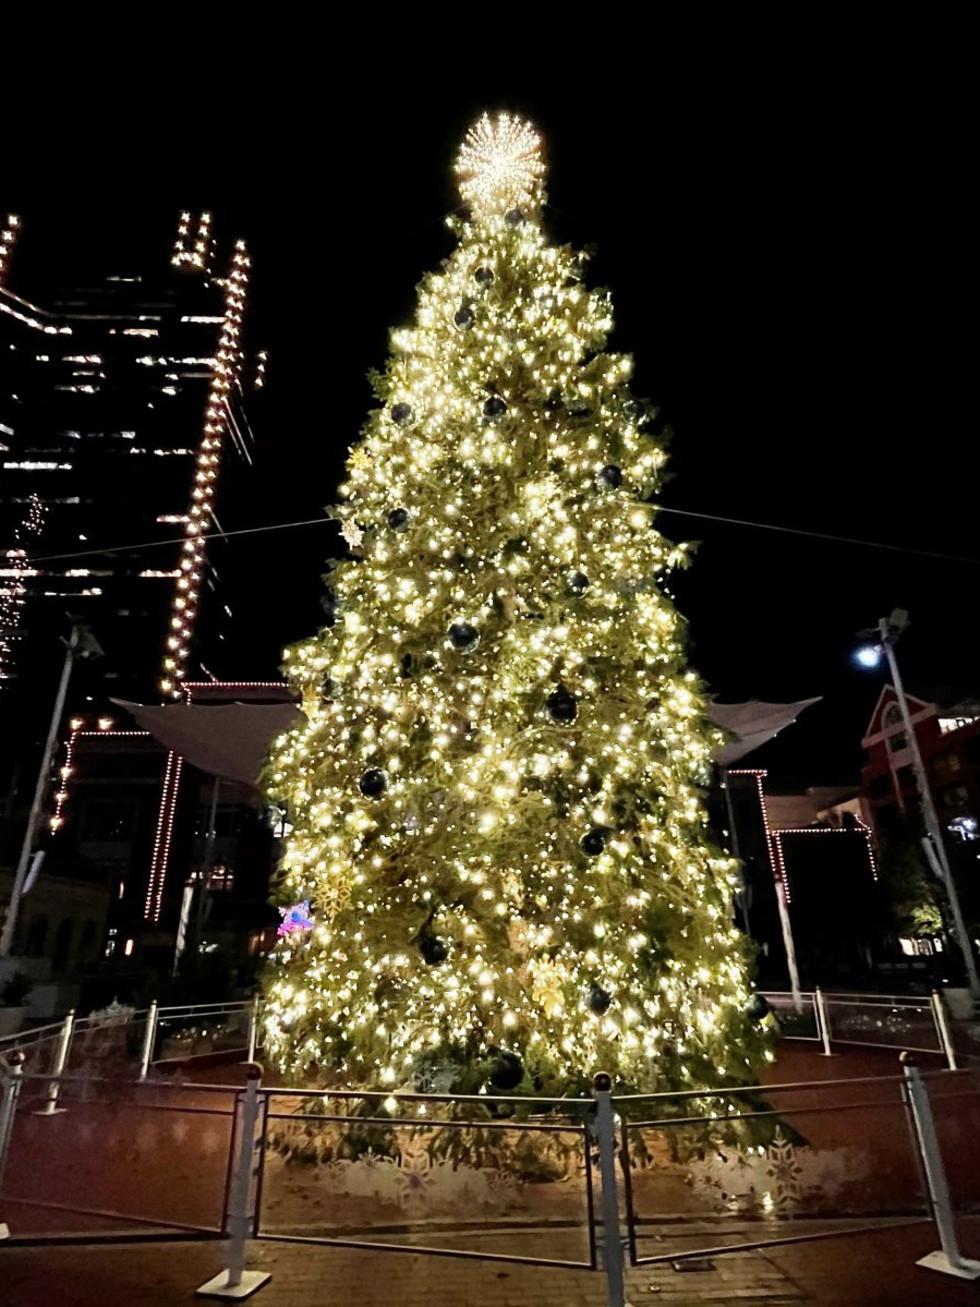 Sundance Square Christmas tree 2020